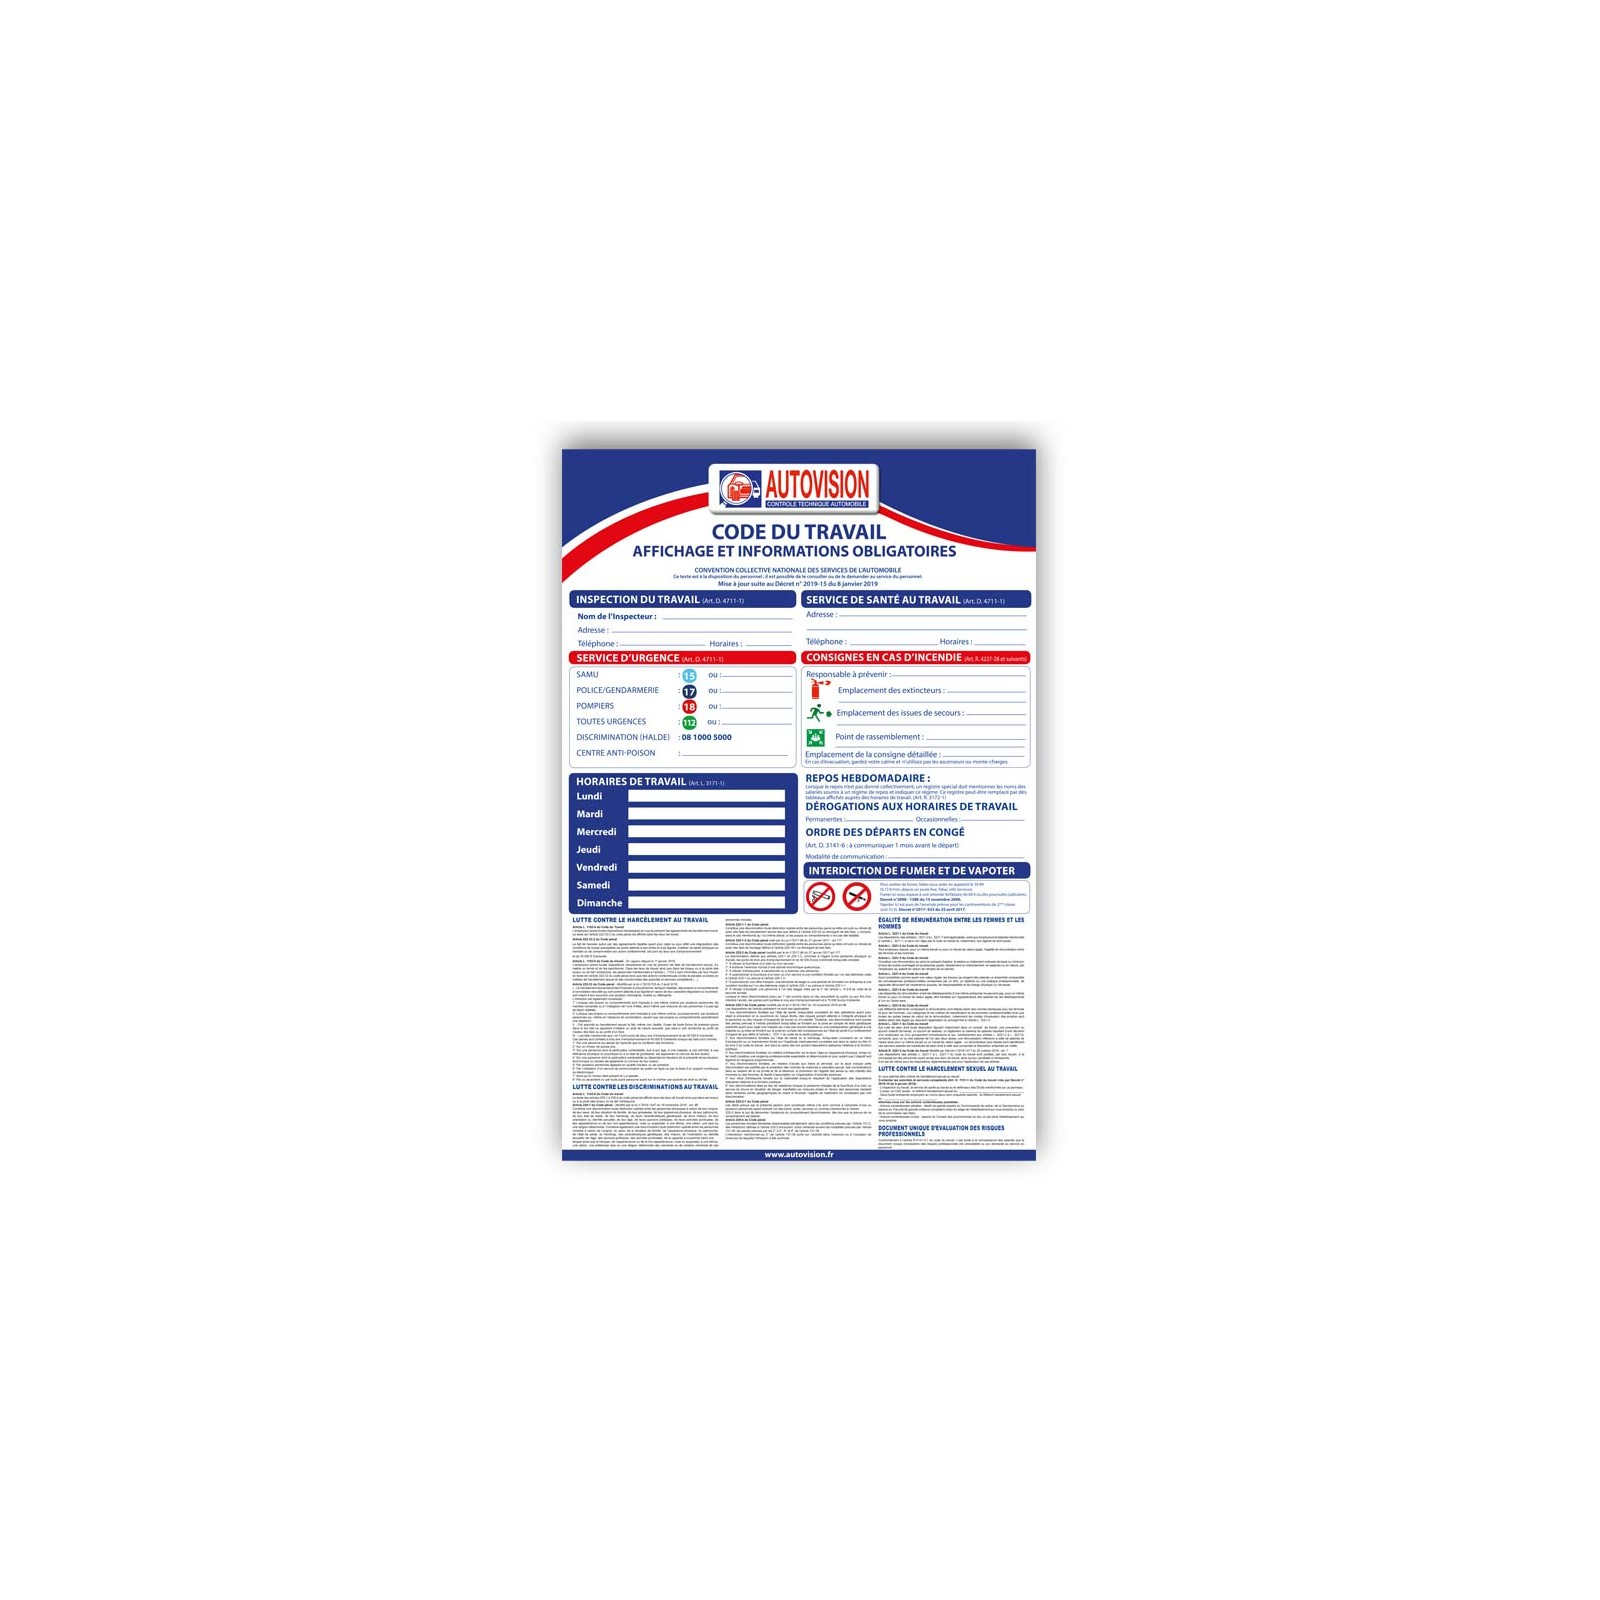 Affiche Code Du Travail Autovision 08 01 2019 Boutique Autovision